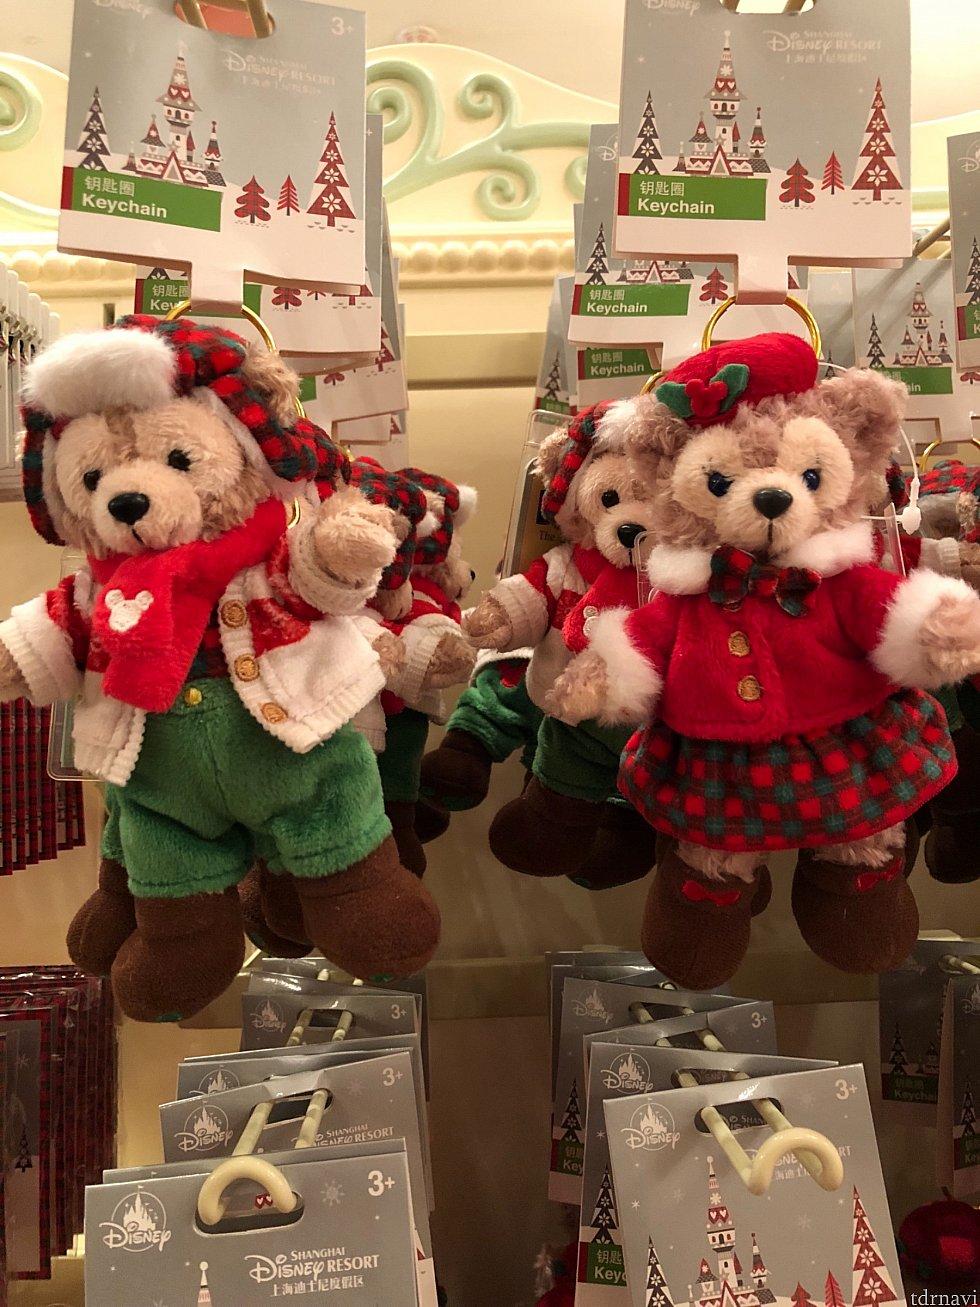 チェックで統一感があり、クリスマスらしくて可愛い♡